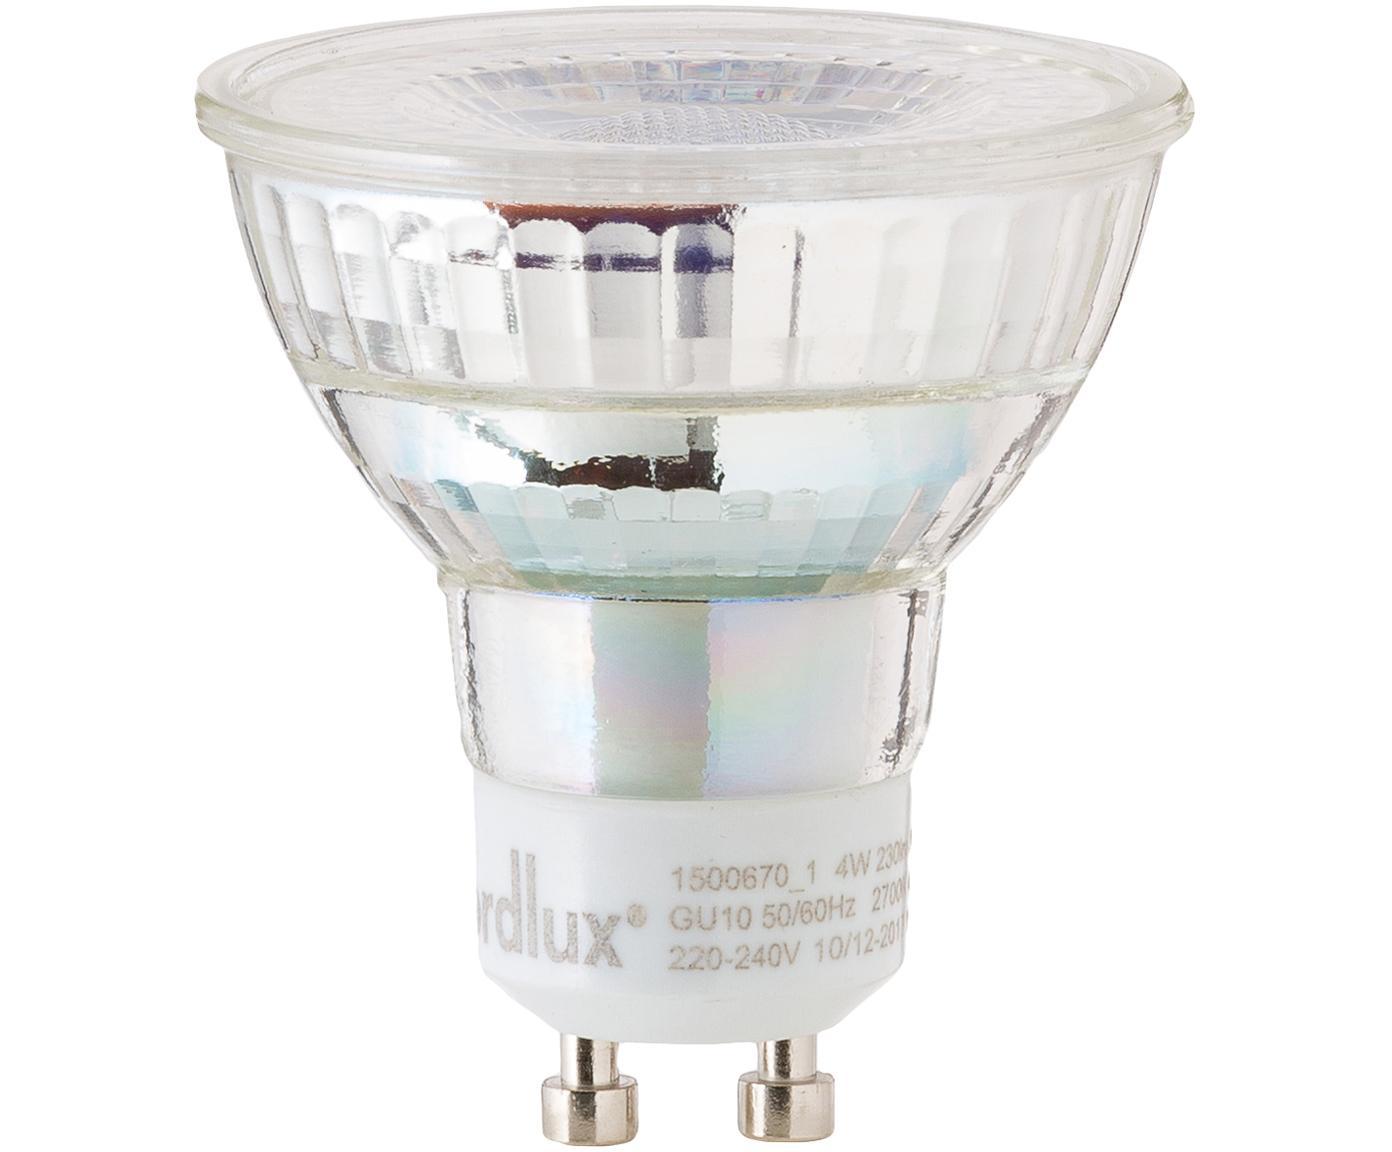 LED lamp Ferre (GU10 / 4W) 5 stuks, Peertje: glas, Fitting: aluminium, Transparant, Ø 5 x H 6 cm